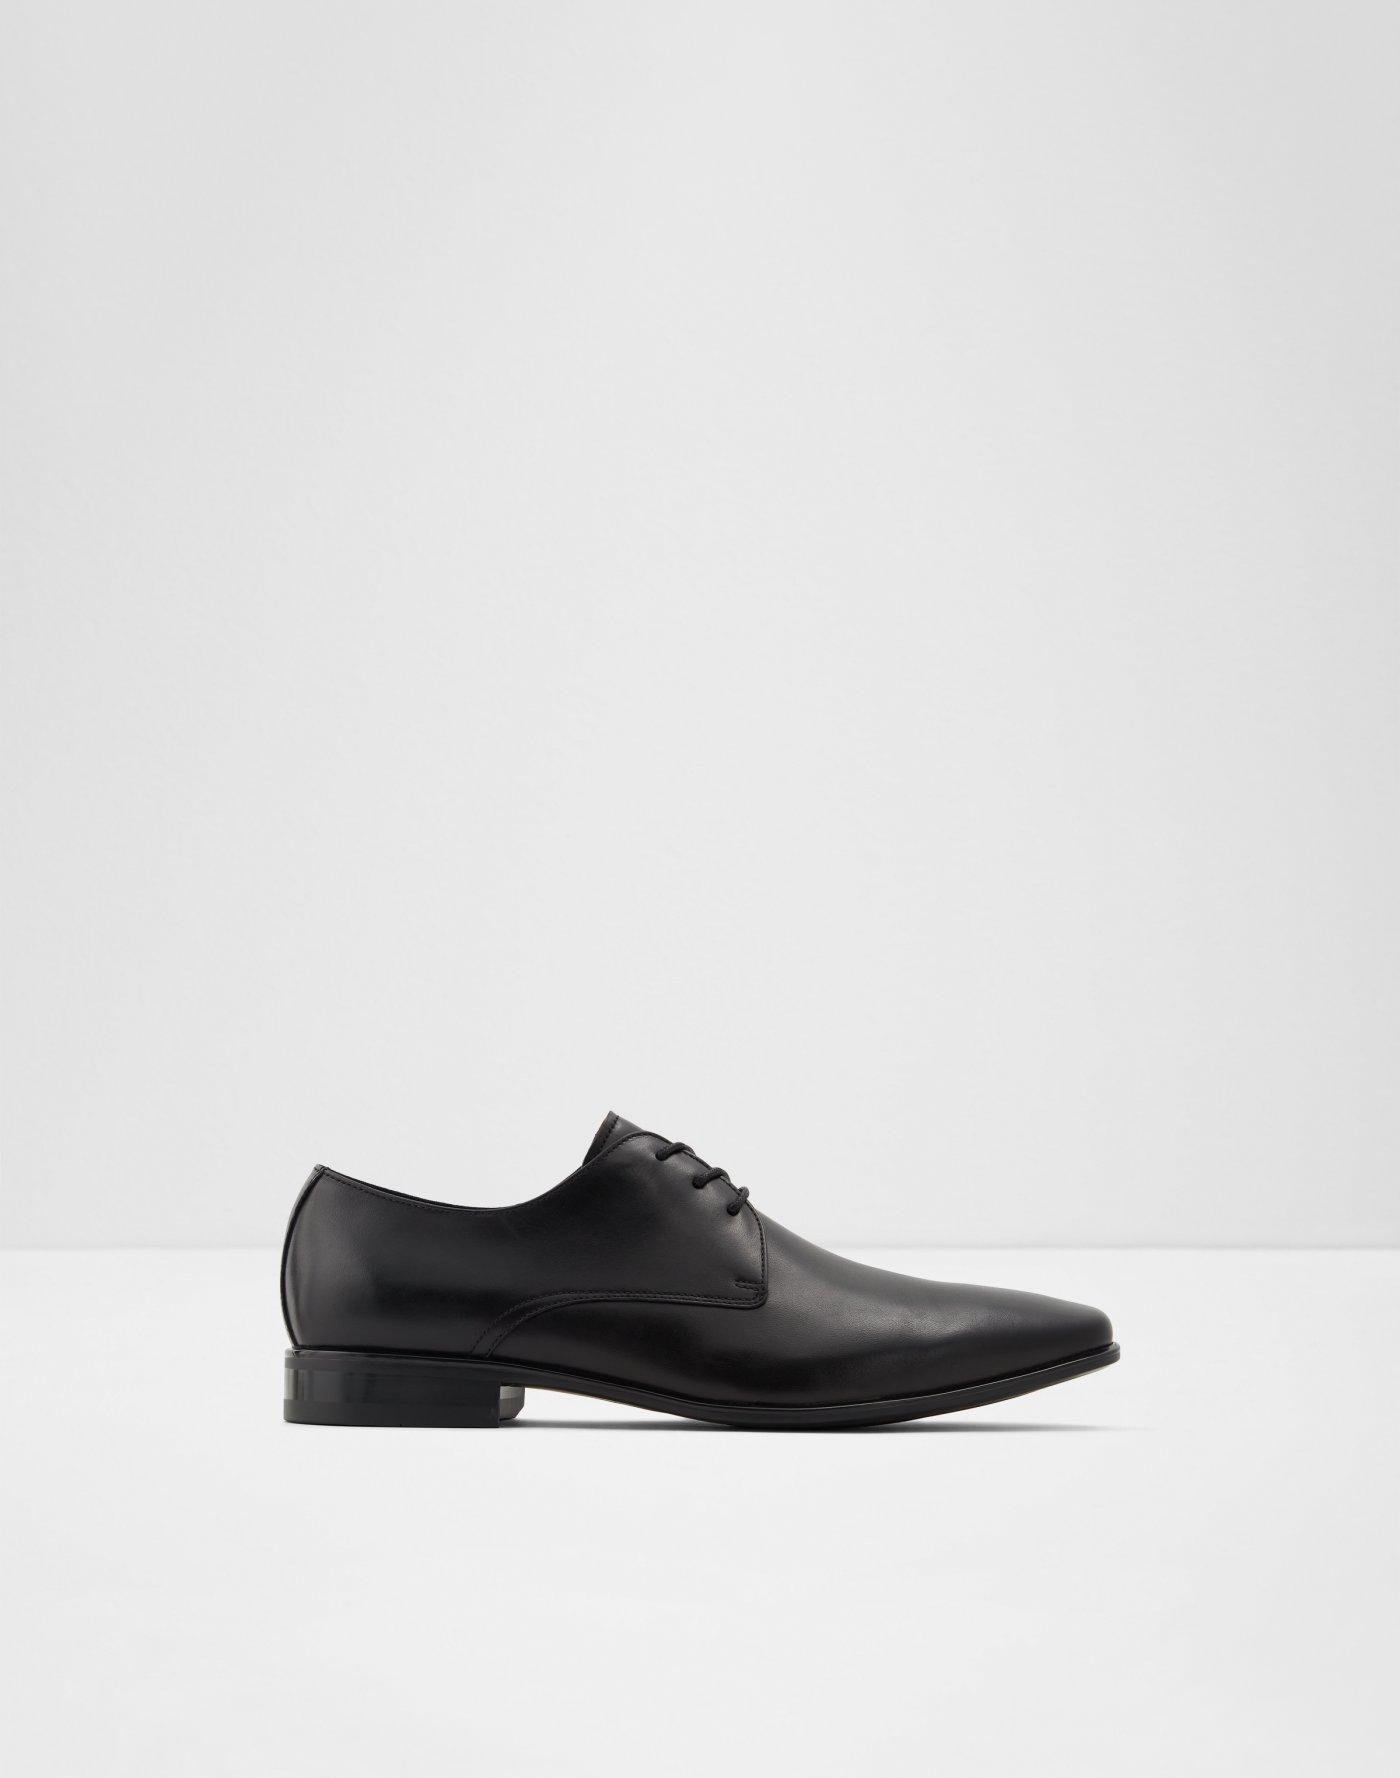 Men's Dress Shoes Outlet   ALDO US